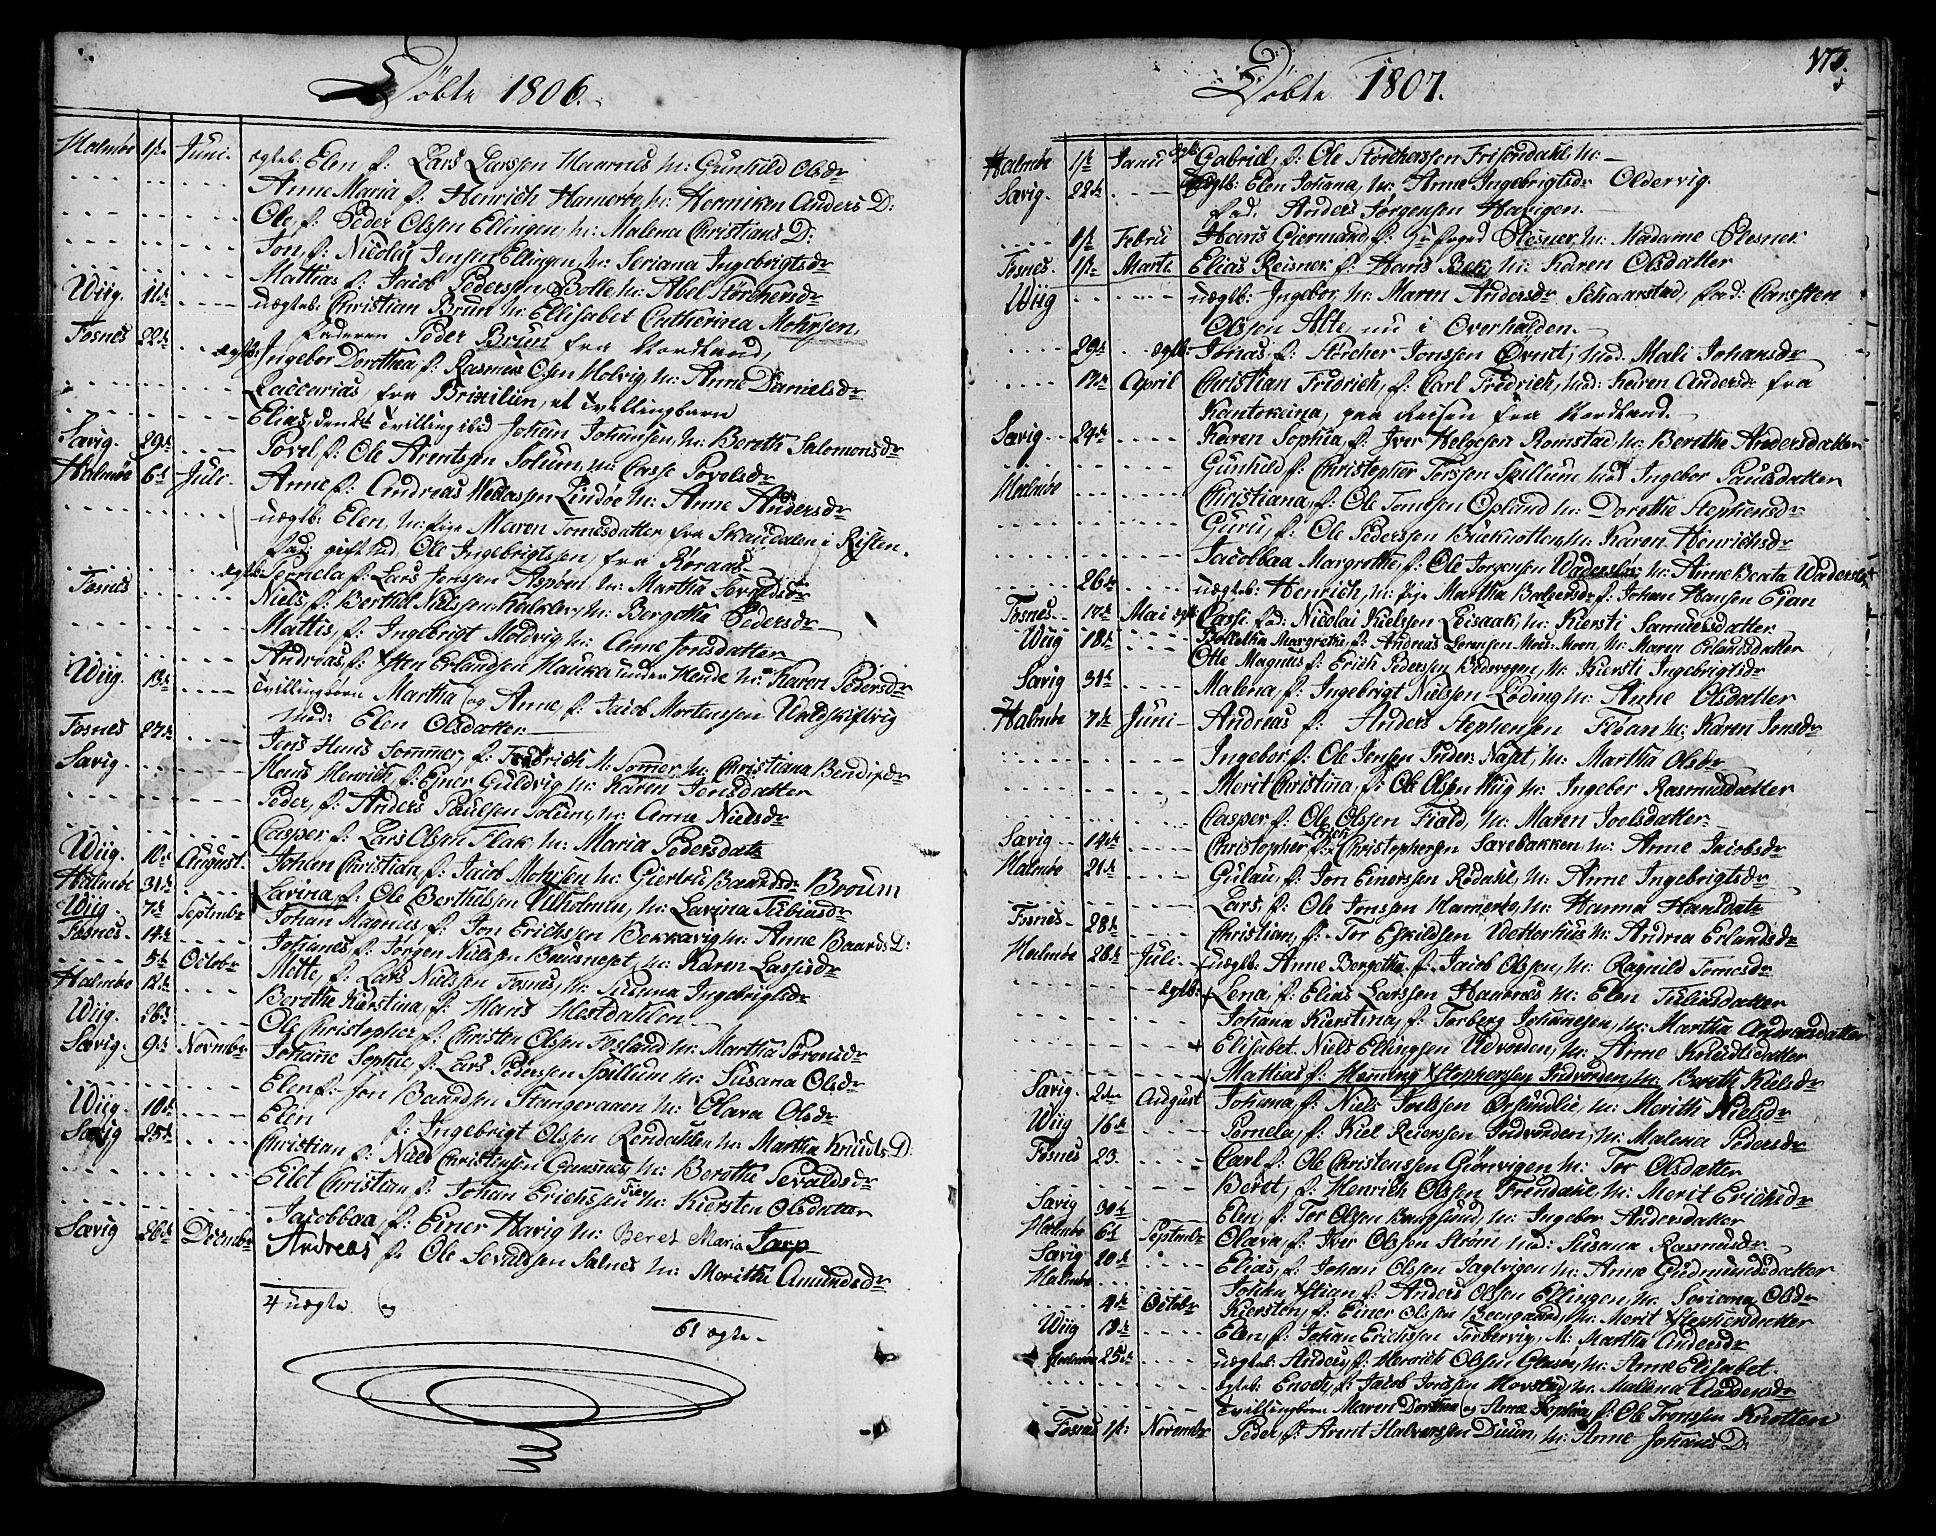 SAT, Ministerialprotokoller, klokkerbøker og fødselsregistre - Nord-Trøndelag, 773/L0608: Ministerialbok nr. 773A02, 1784-1816, s. 173